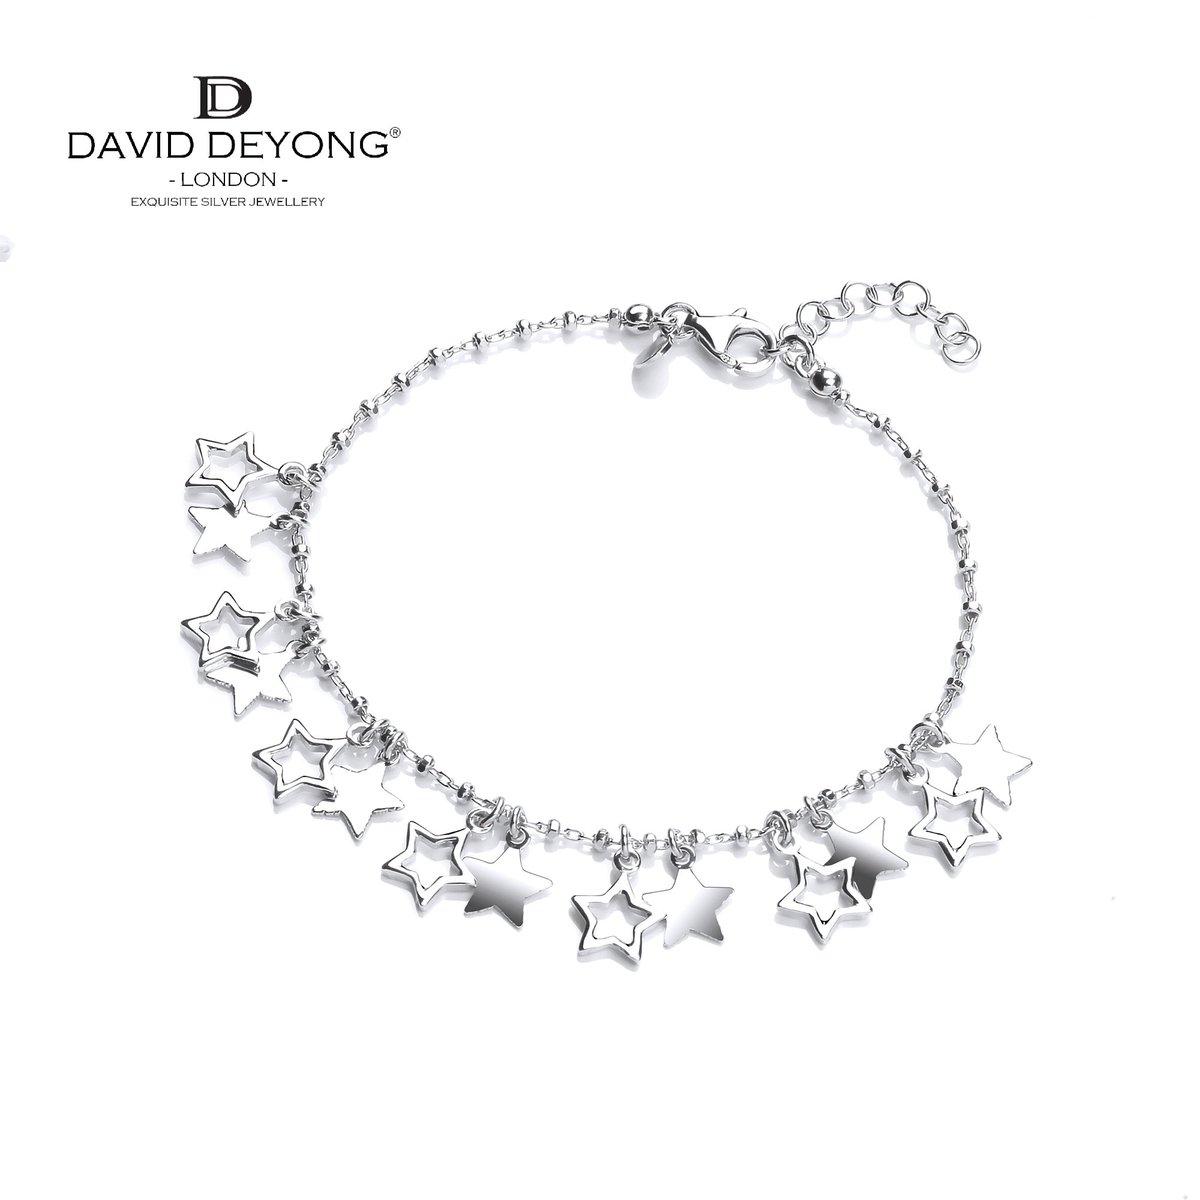 e0909dcdde2cd1 ... #webexclusive https://www.daviddeyong.co.uk/sterling -silver-bracelets-c12/silver-bracelets-c92/david-deyong-sterling-silver -stars-charm-bracelet-p1695 … ...